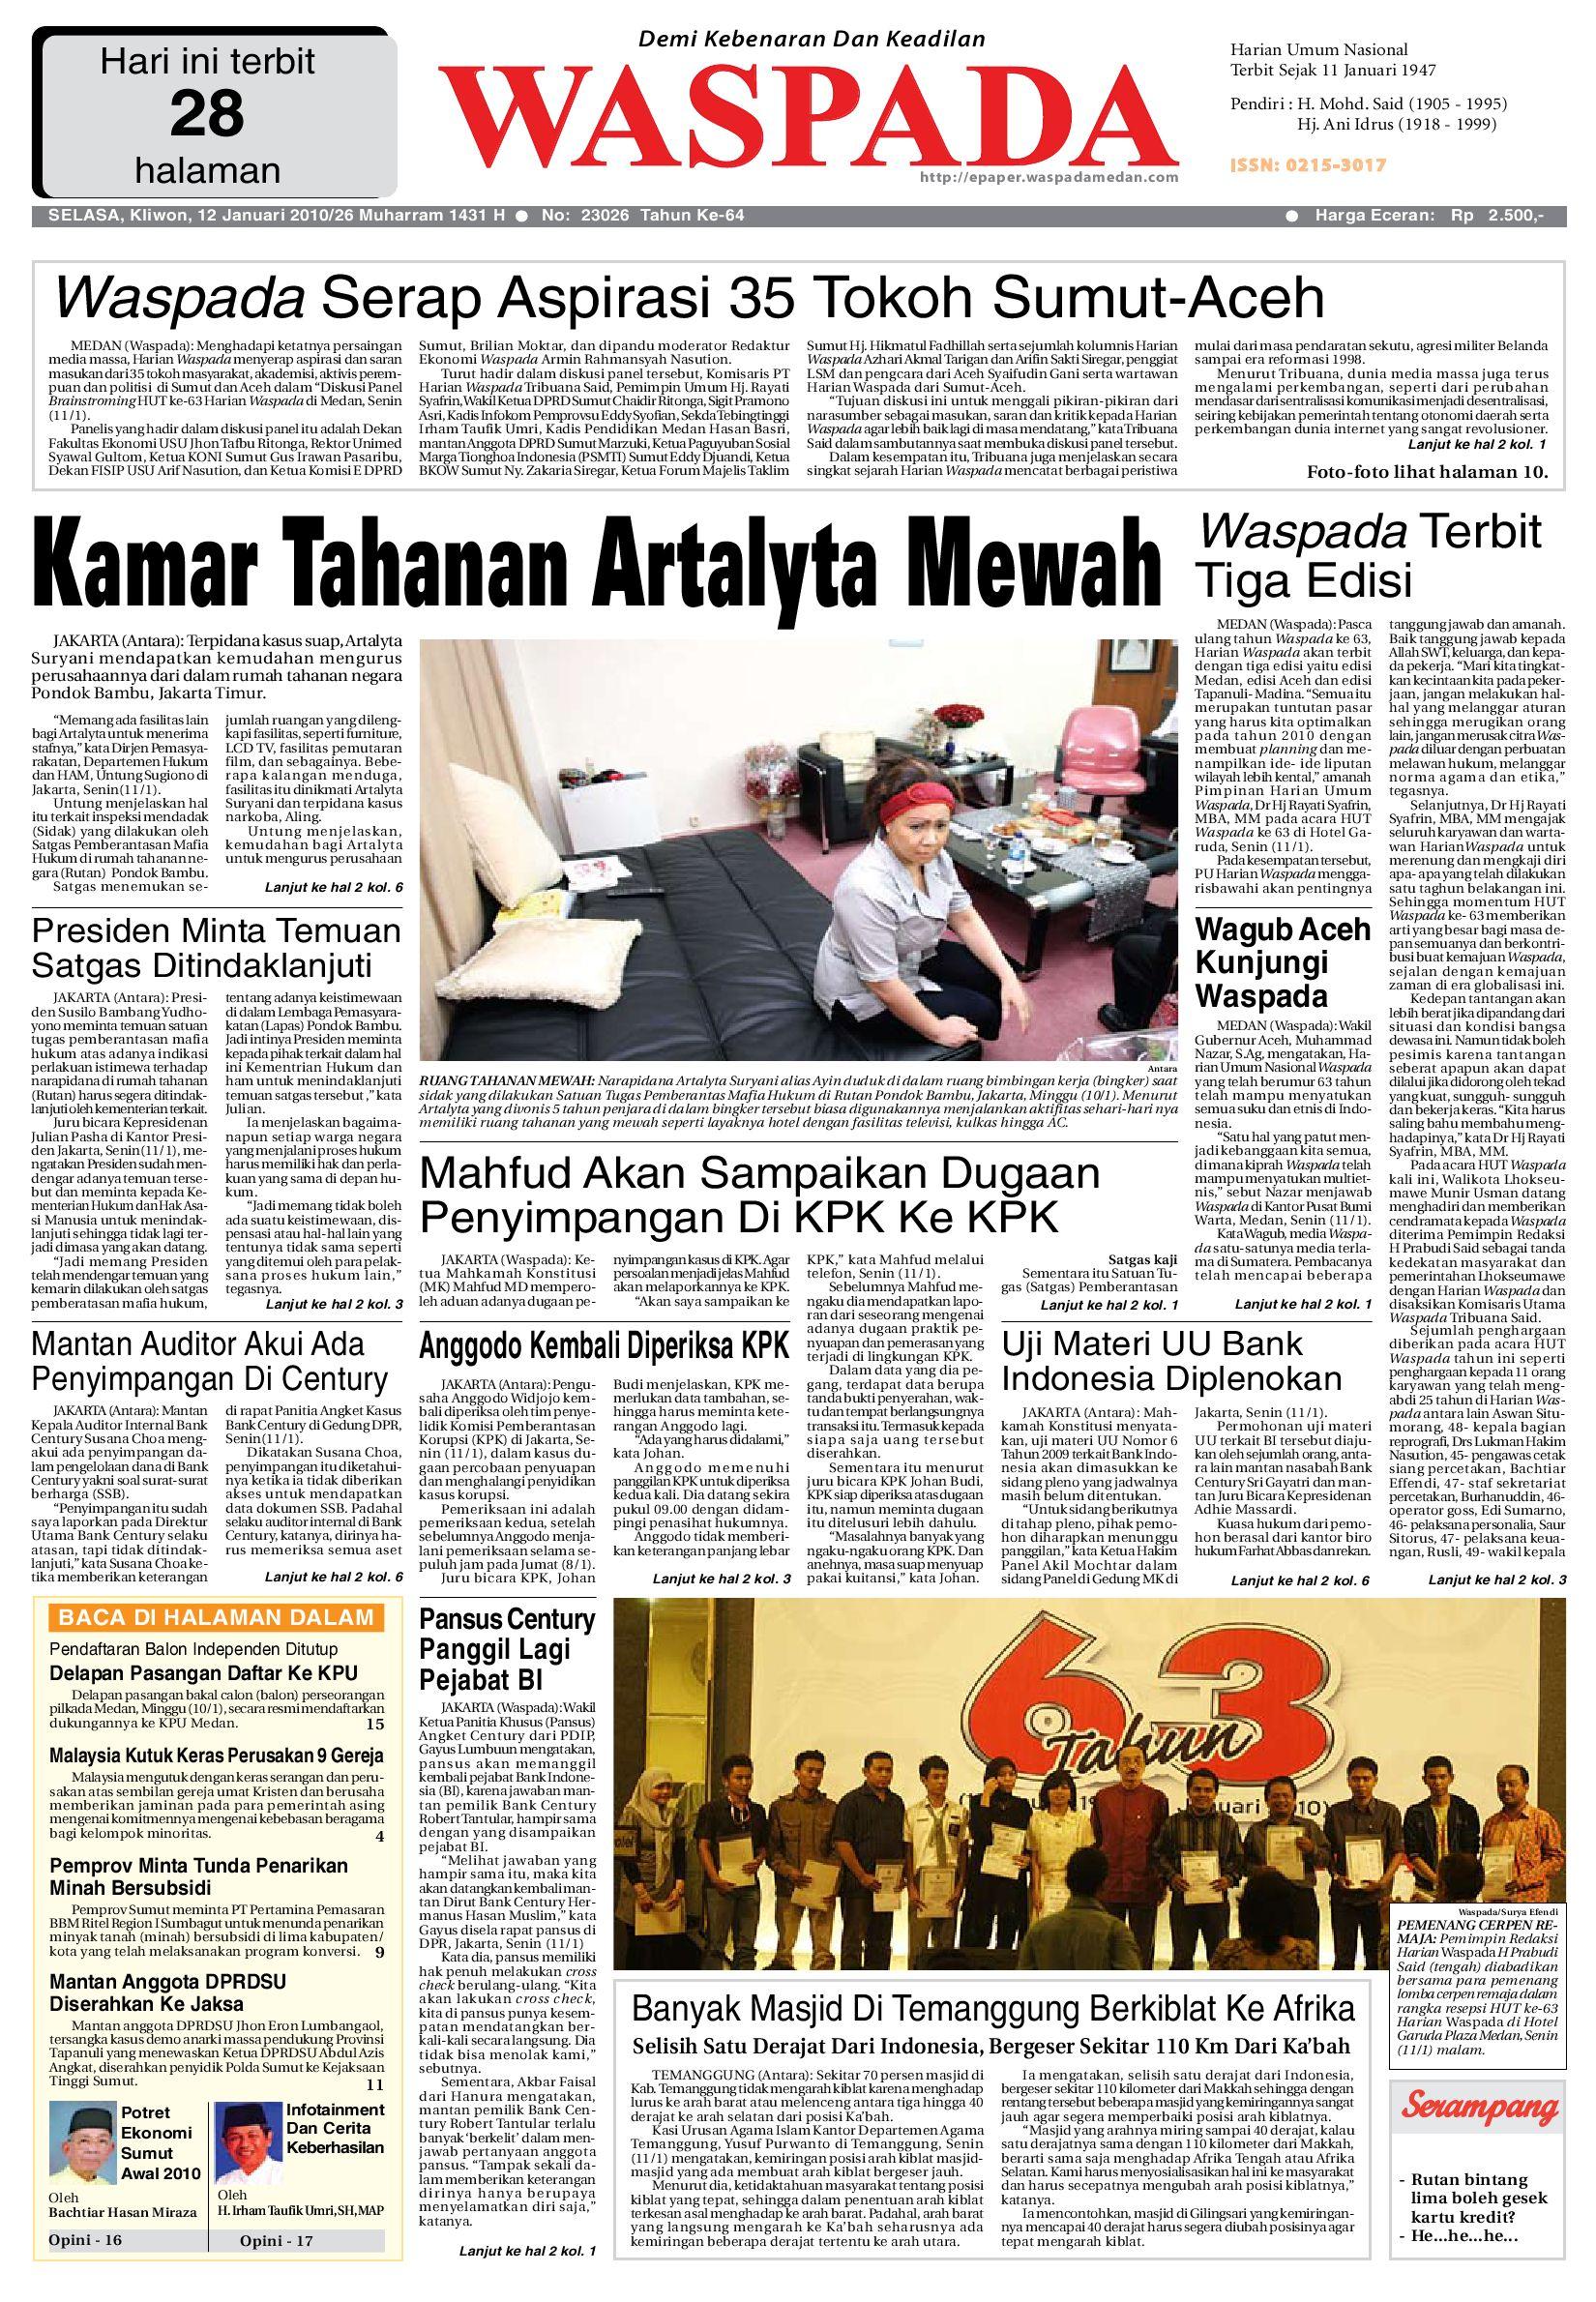 Waspada Selasa 12 Januari 2010 By Harian Waspada Issuu